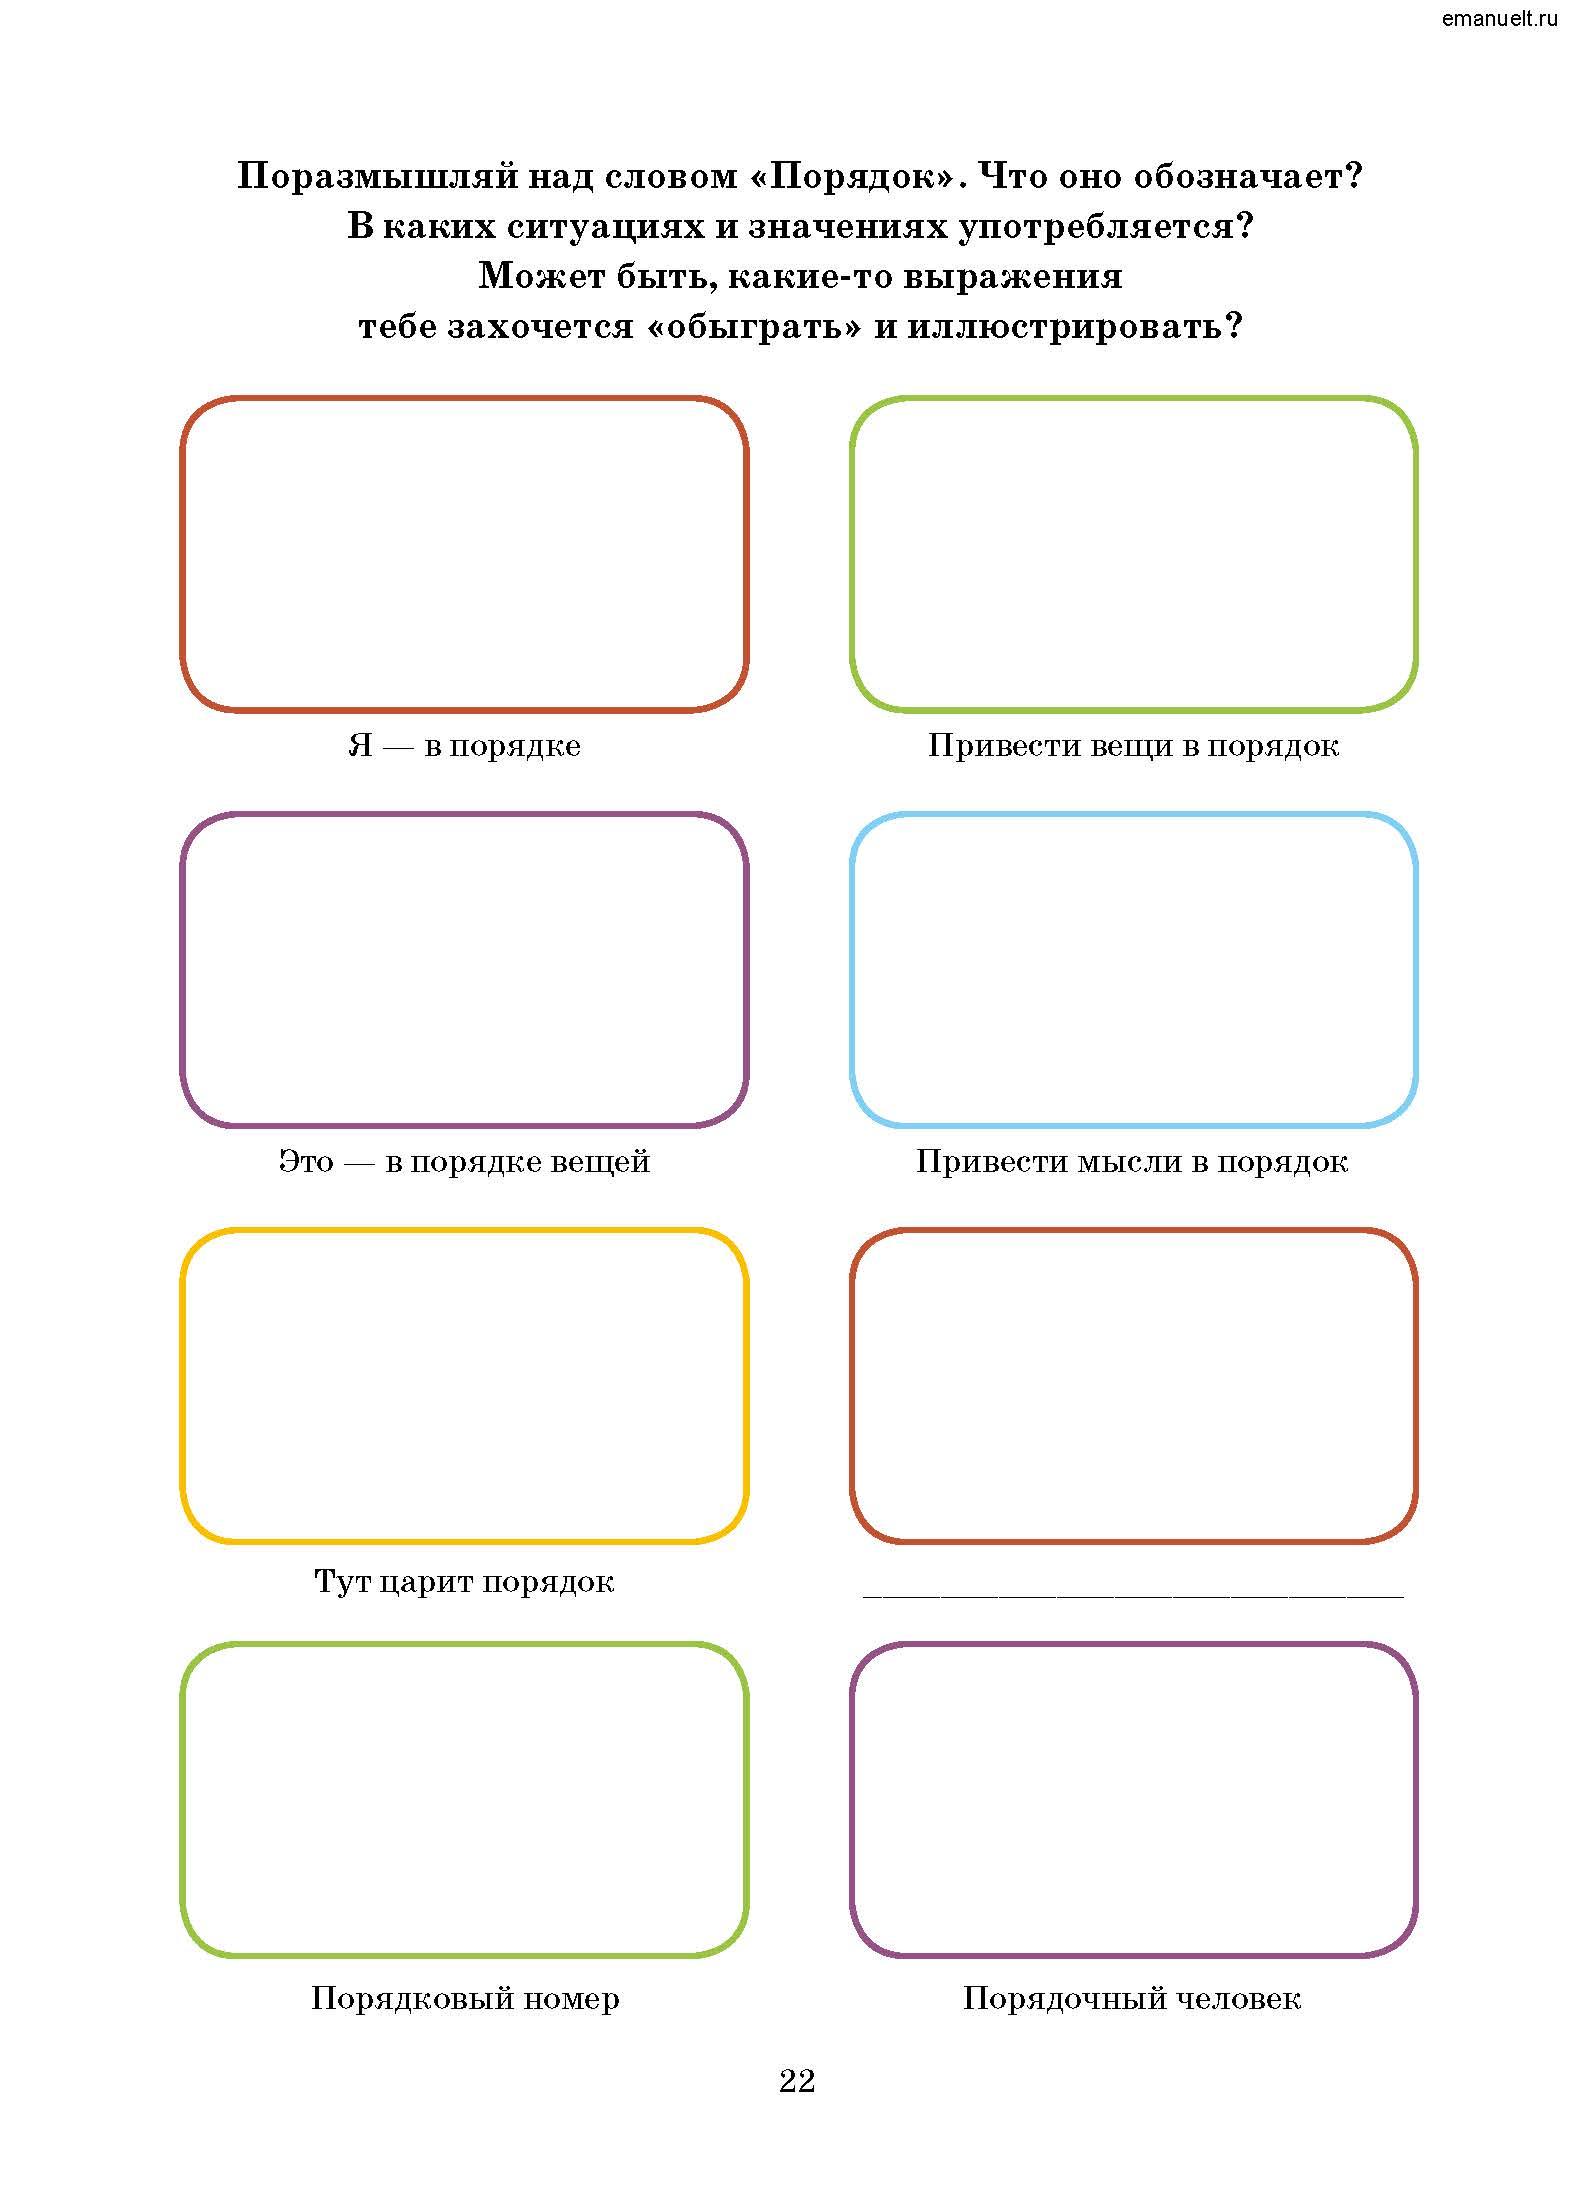 Рассказки в заданиях. emanuelt.ru_Страница_023